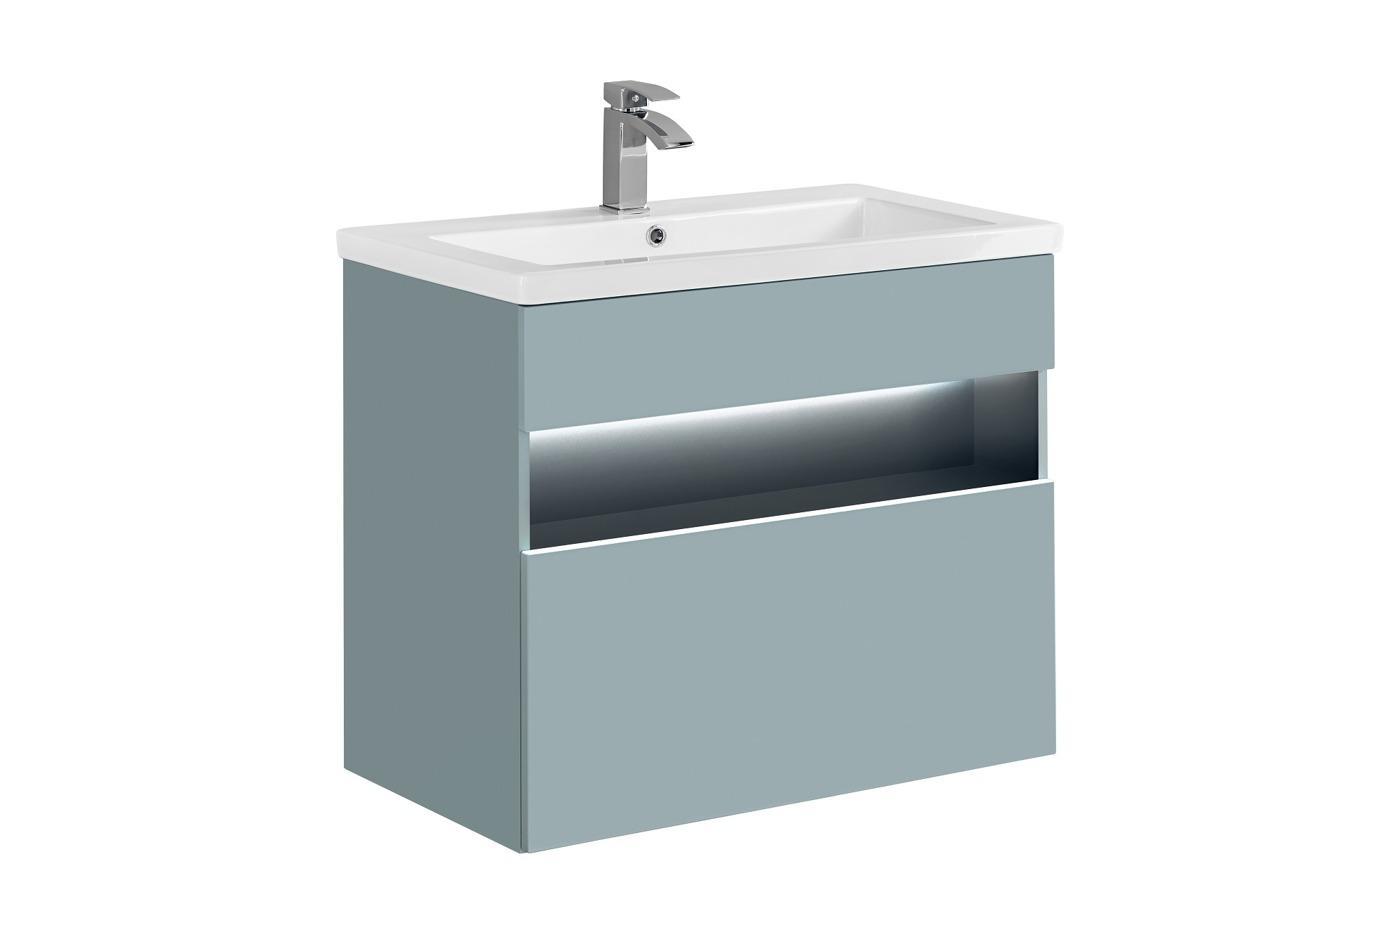 Waschbeckenunterschrank Mit Waschbecken 80 Cm Breit